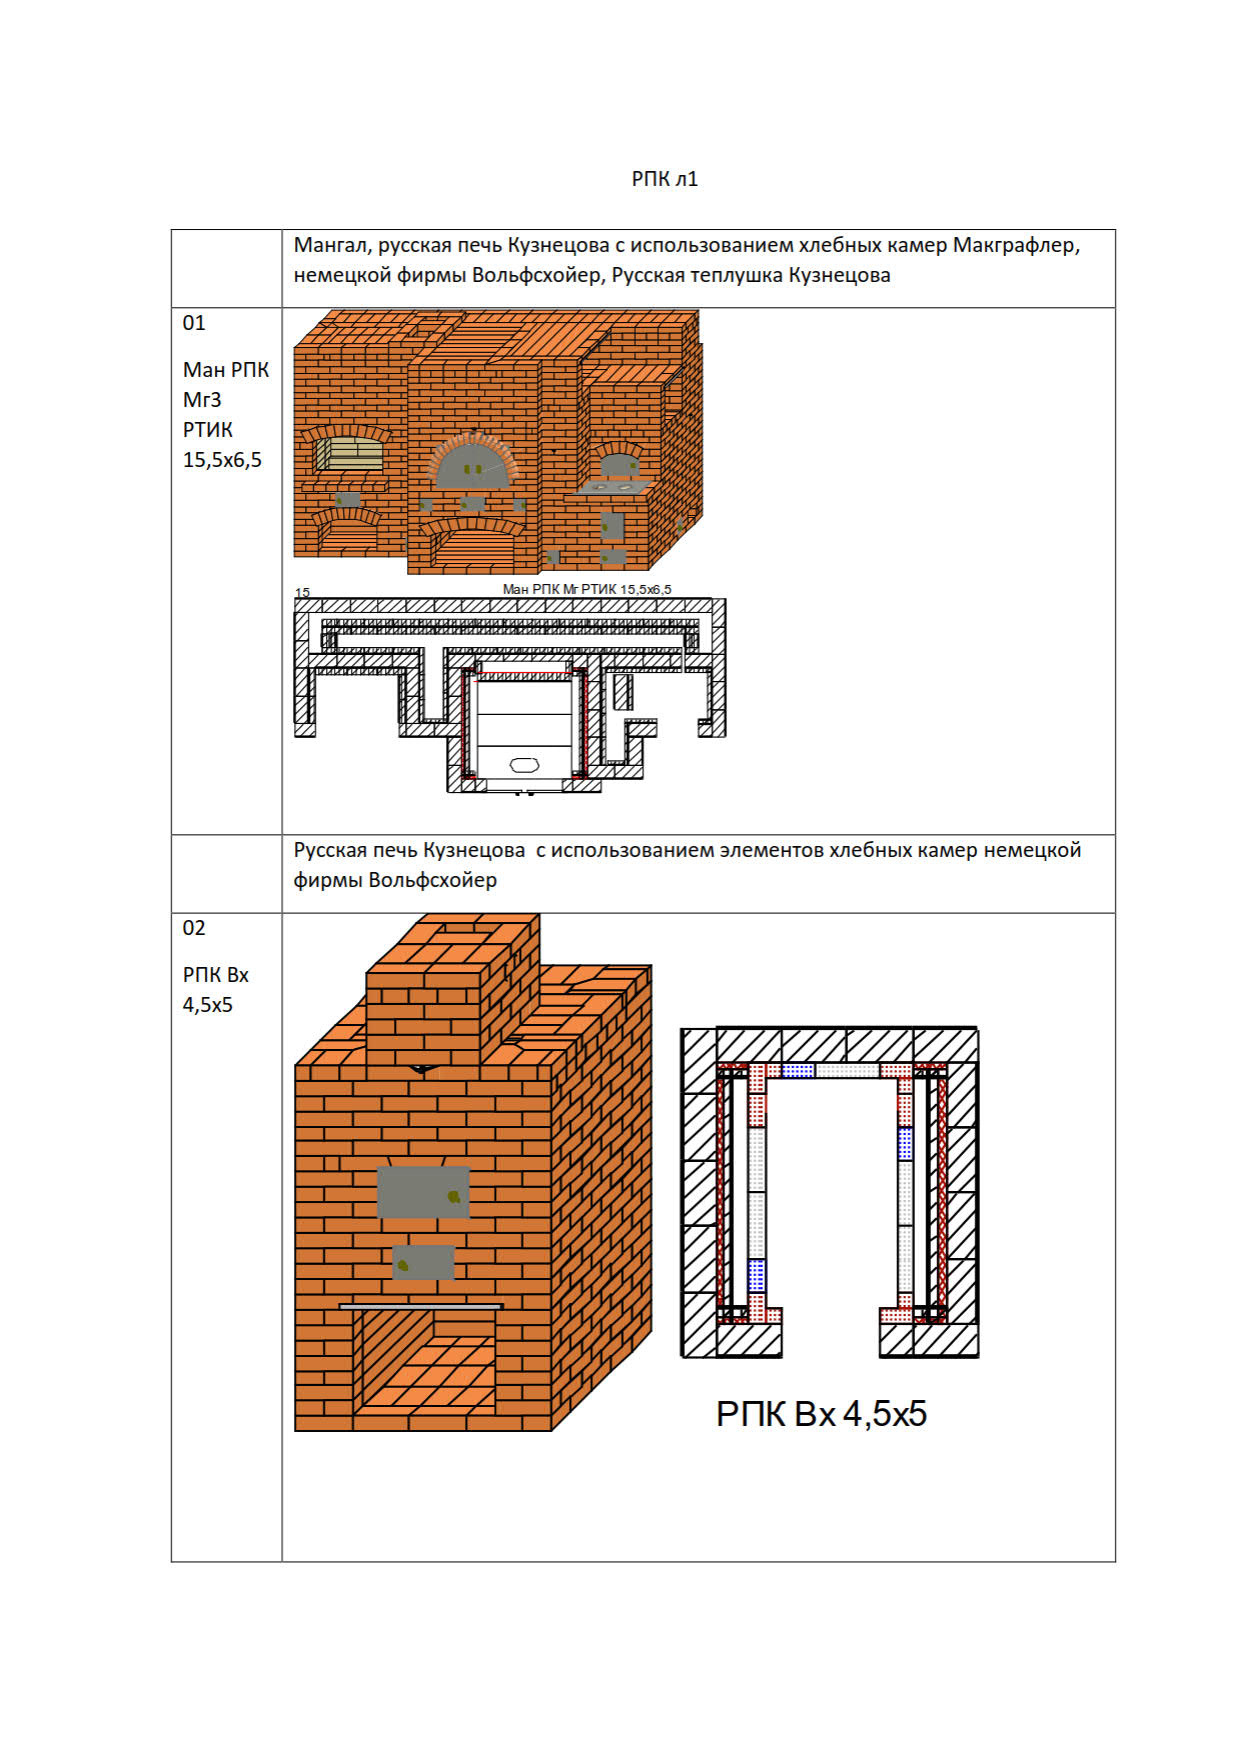 Двухколпаковая отопительно-варочная печь: порядовка и инструкция самостоятельной постройки